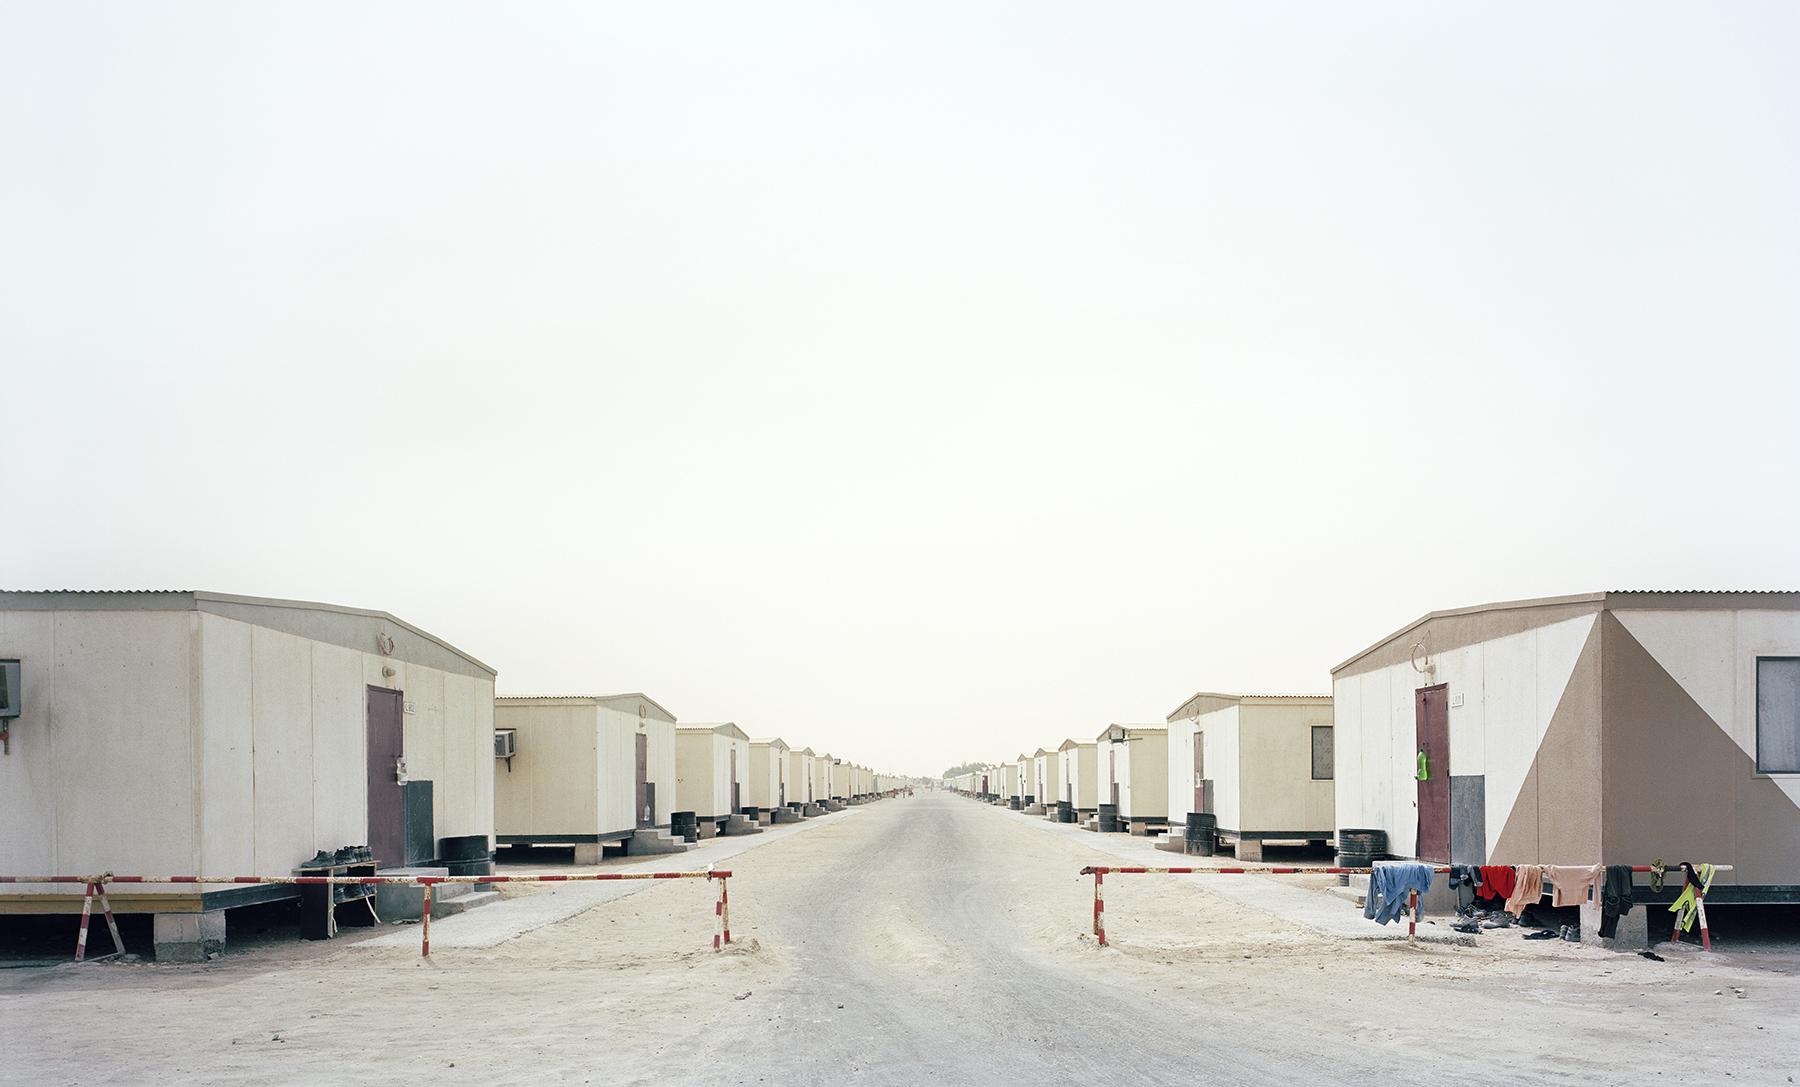 Camp I, Ras Laffan, Qatar, 2010